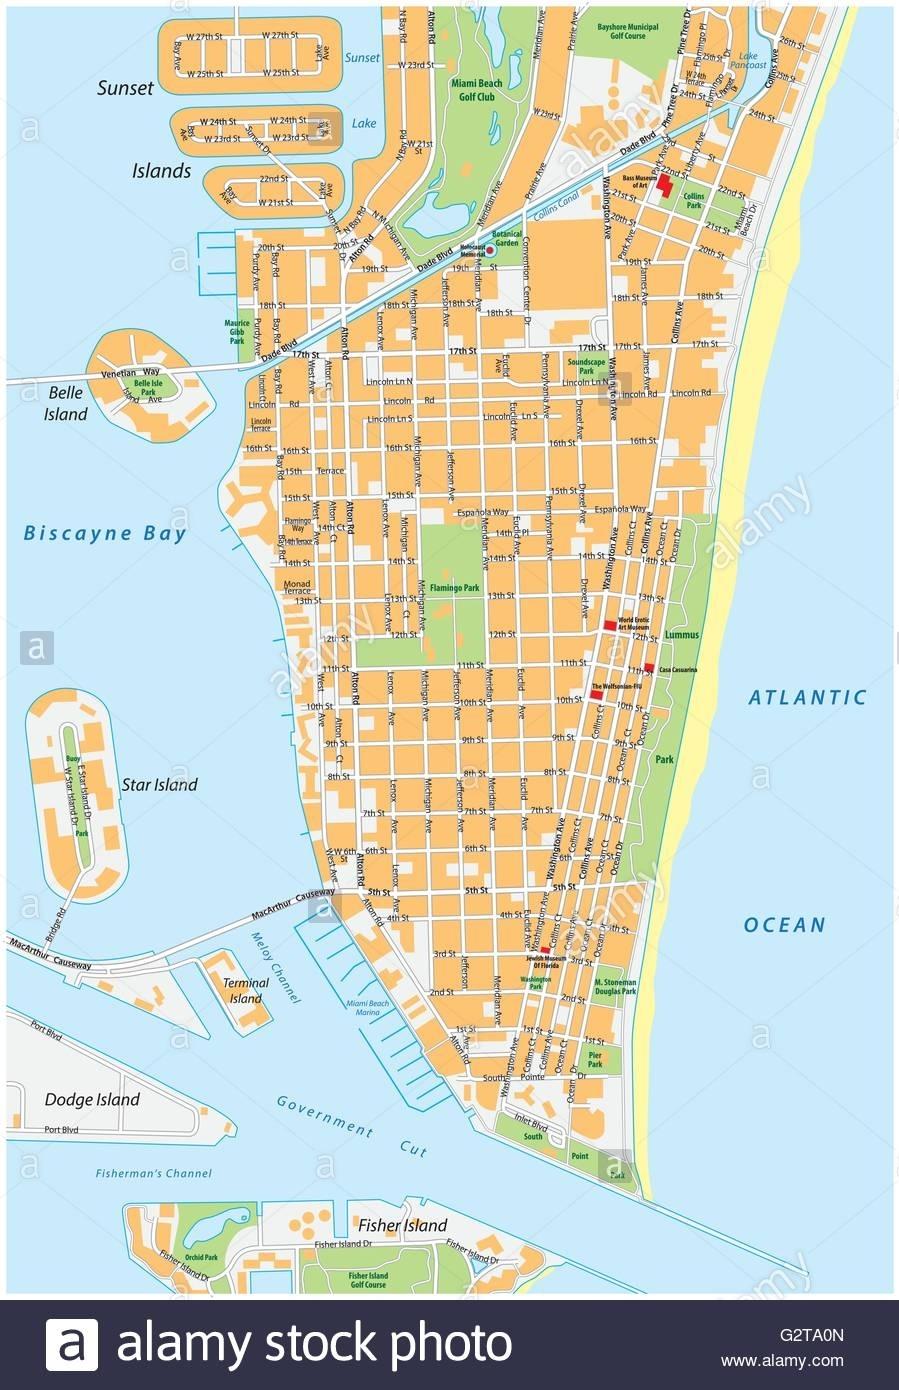 Miami Karte Stockfotos & Miami Karte Bilder - Alamy with City Of Miami Beach Zoning Map